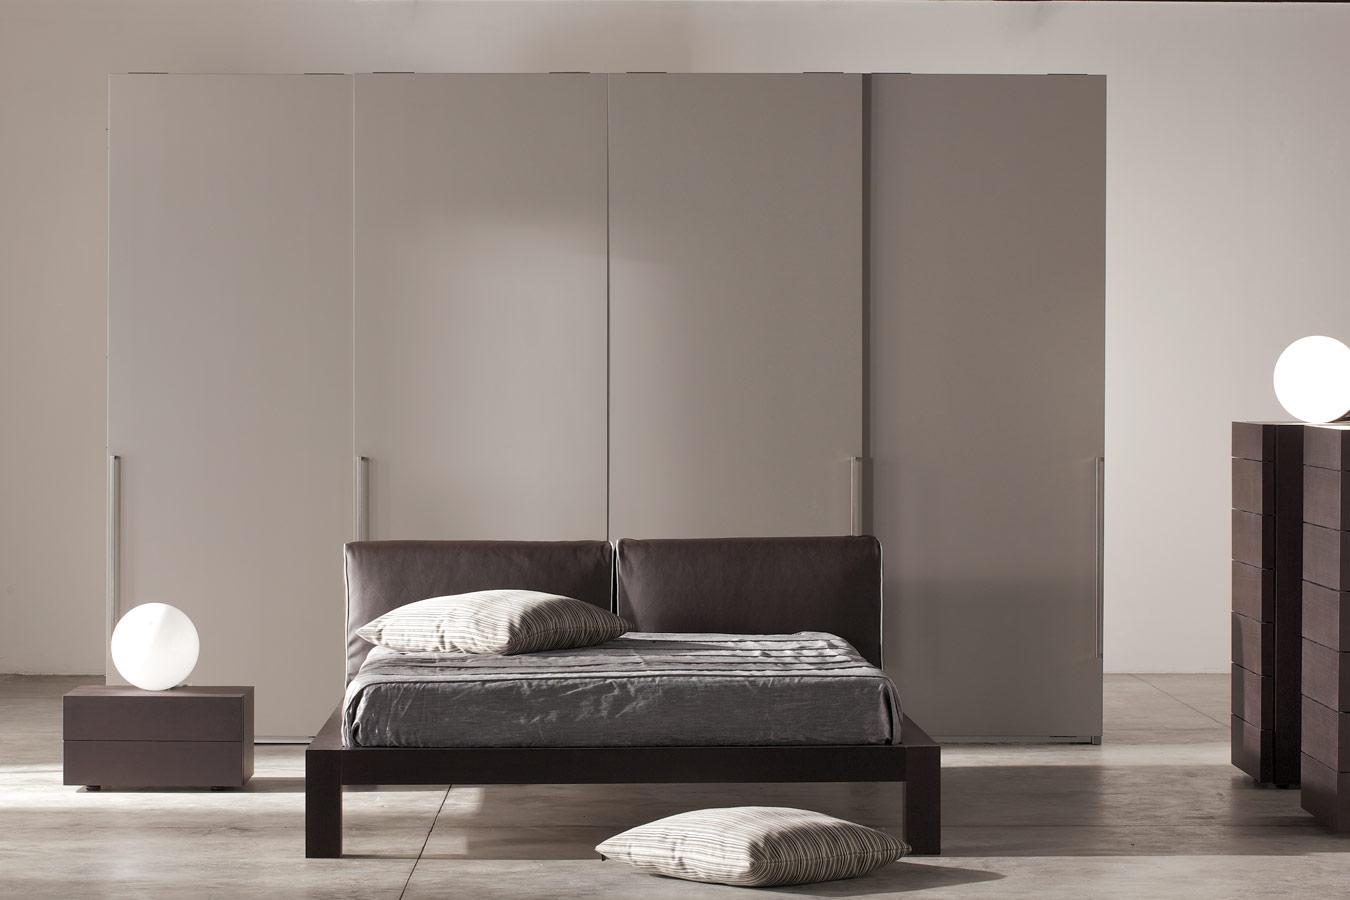 Interieur Slaapkamer Voorbeelden : Moderne slaapkamer ideeën inspiratie